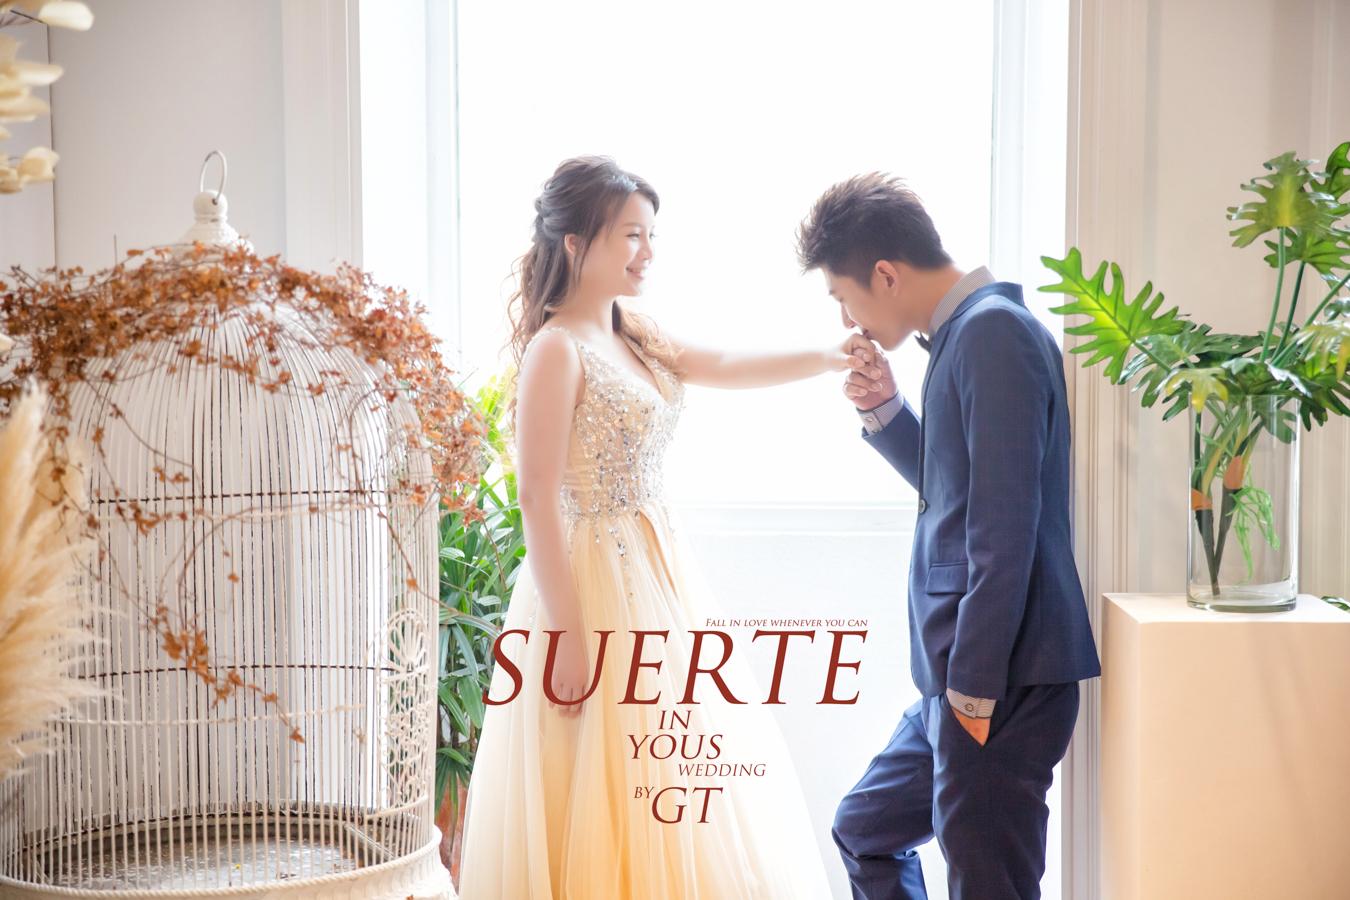 自助婚紗 | 易宏+怡辰   PREWEDDING  杜林紙草手工婚紗 |國內婚紗|台南婚紗